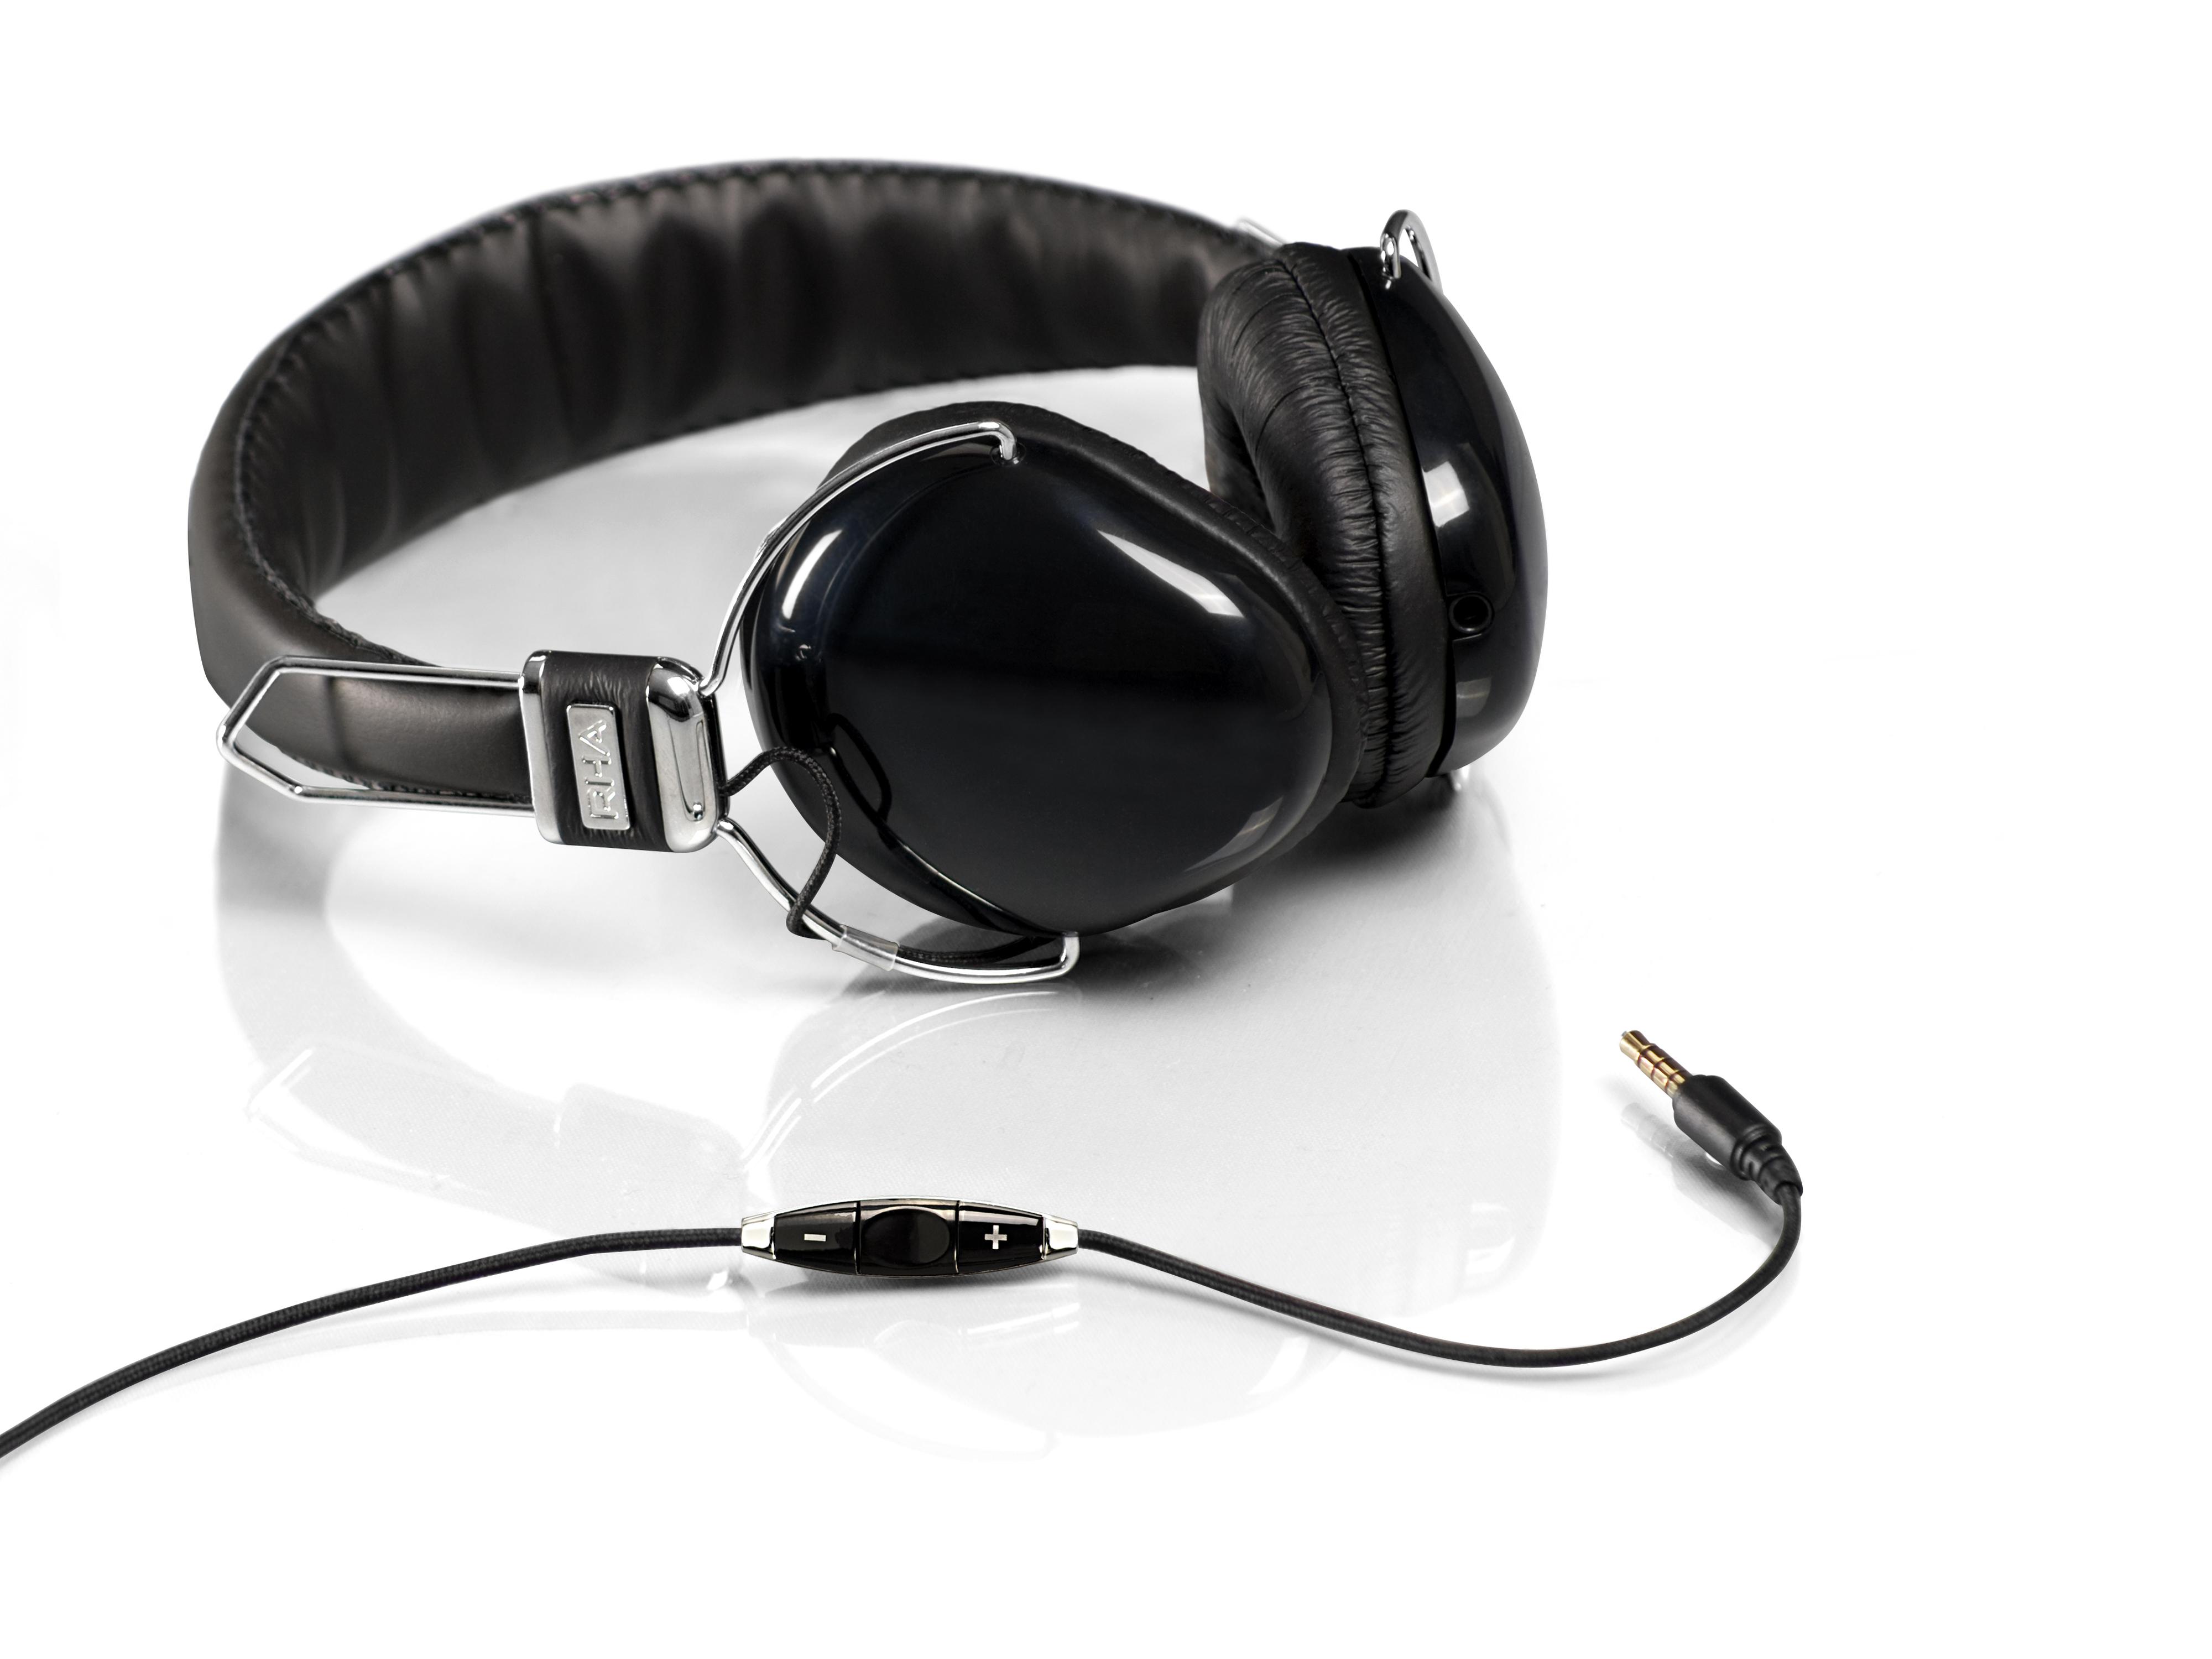 RHA SA950i Kopfhörer und Headset für iPod, iPhone und iPad